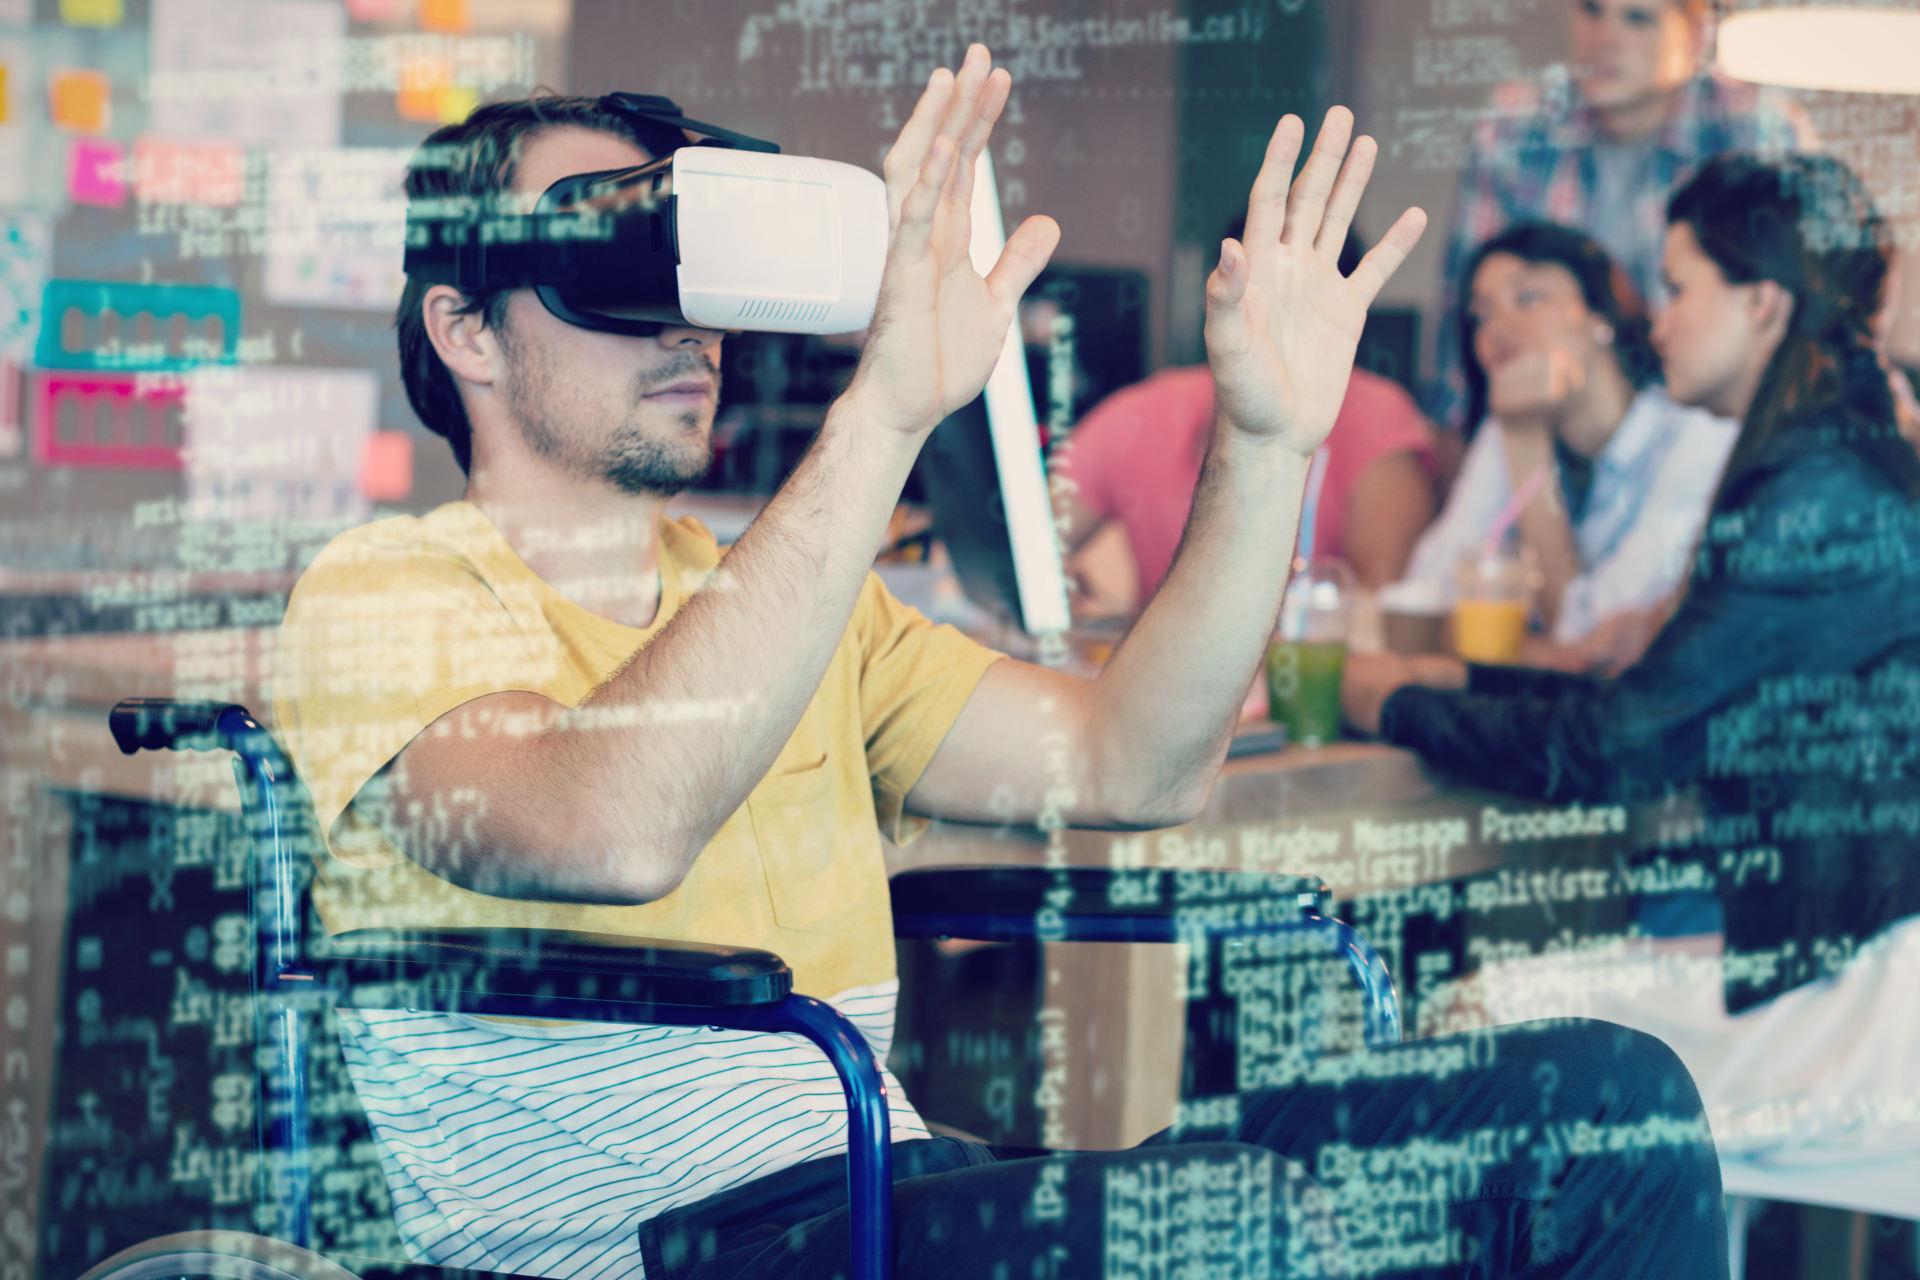 Ventures4Inclusion lanzadera emprendimiento empleo digital personas discapacidad. FDI, Indra, HandsOn Spain